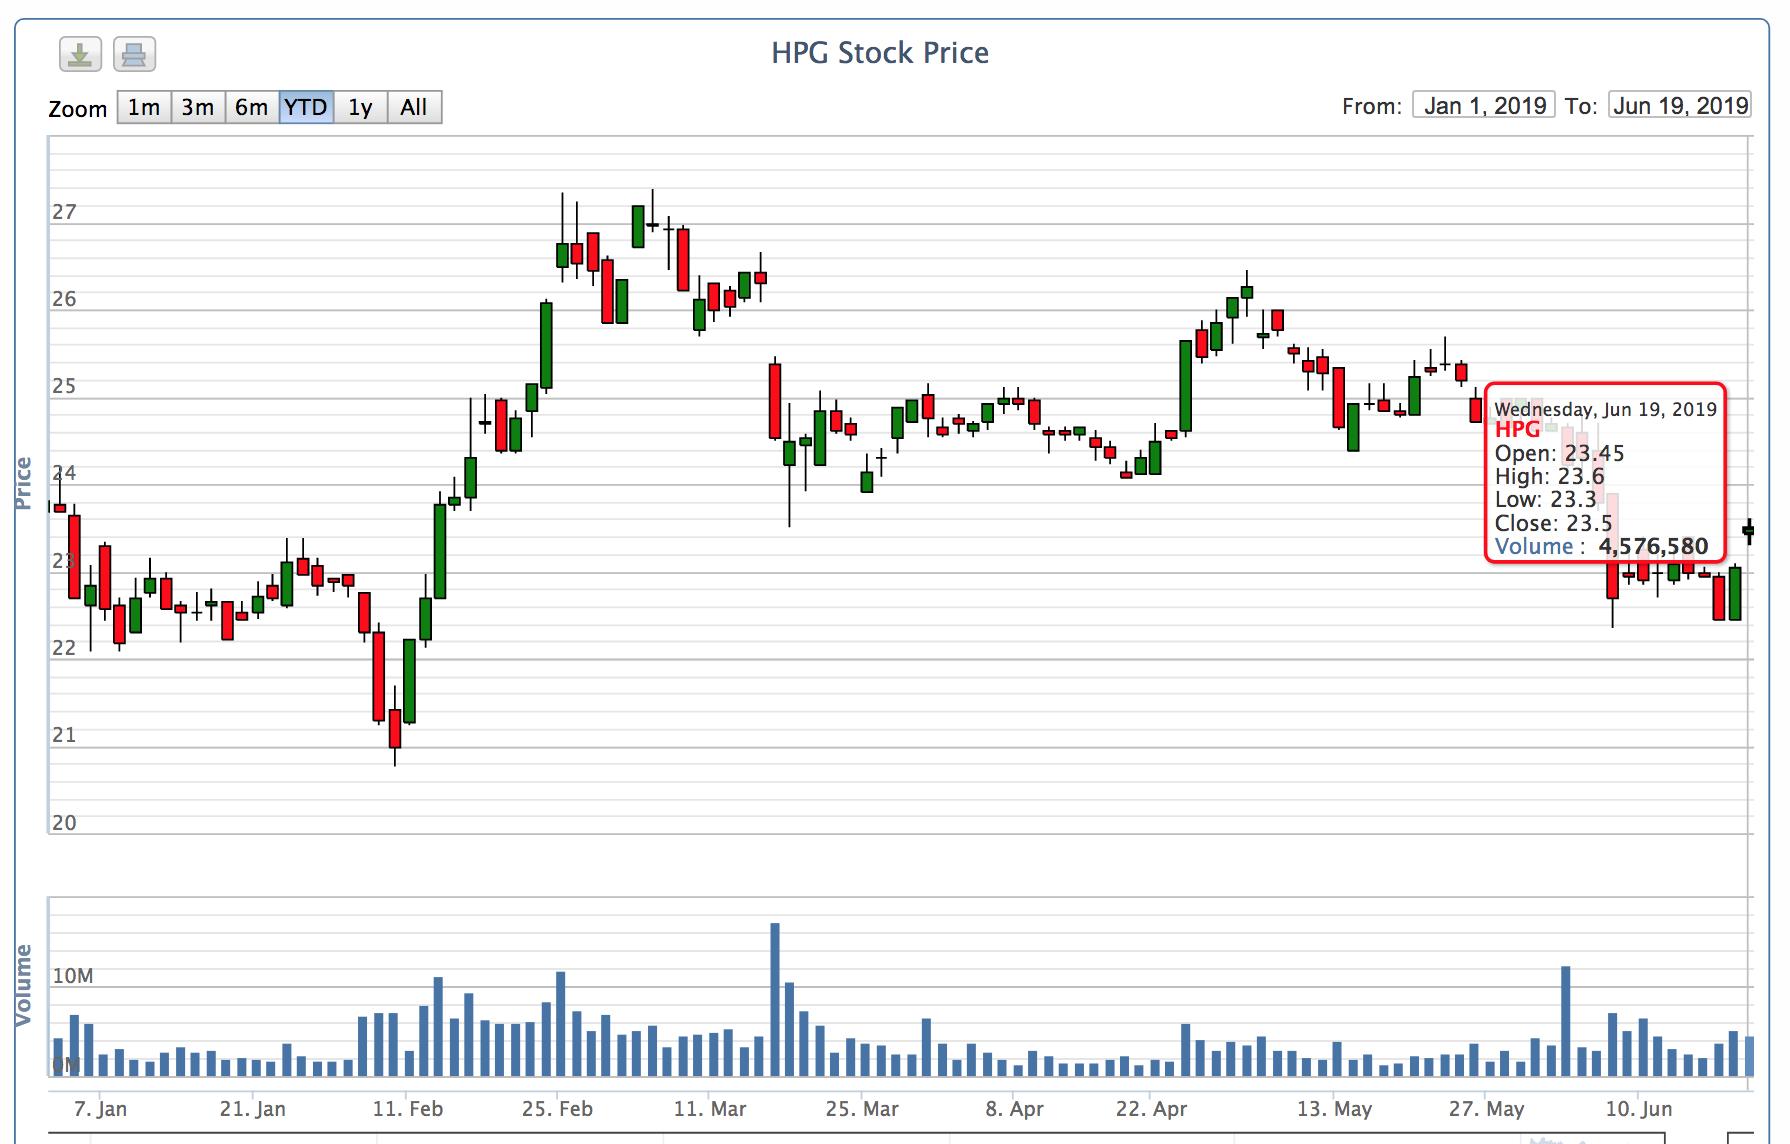 Đồ thị giá cổ phiếu HPG trong 1 năm qua (ảnh VNDirect)